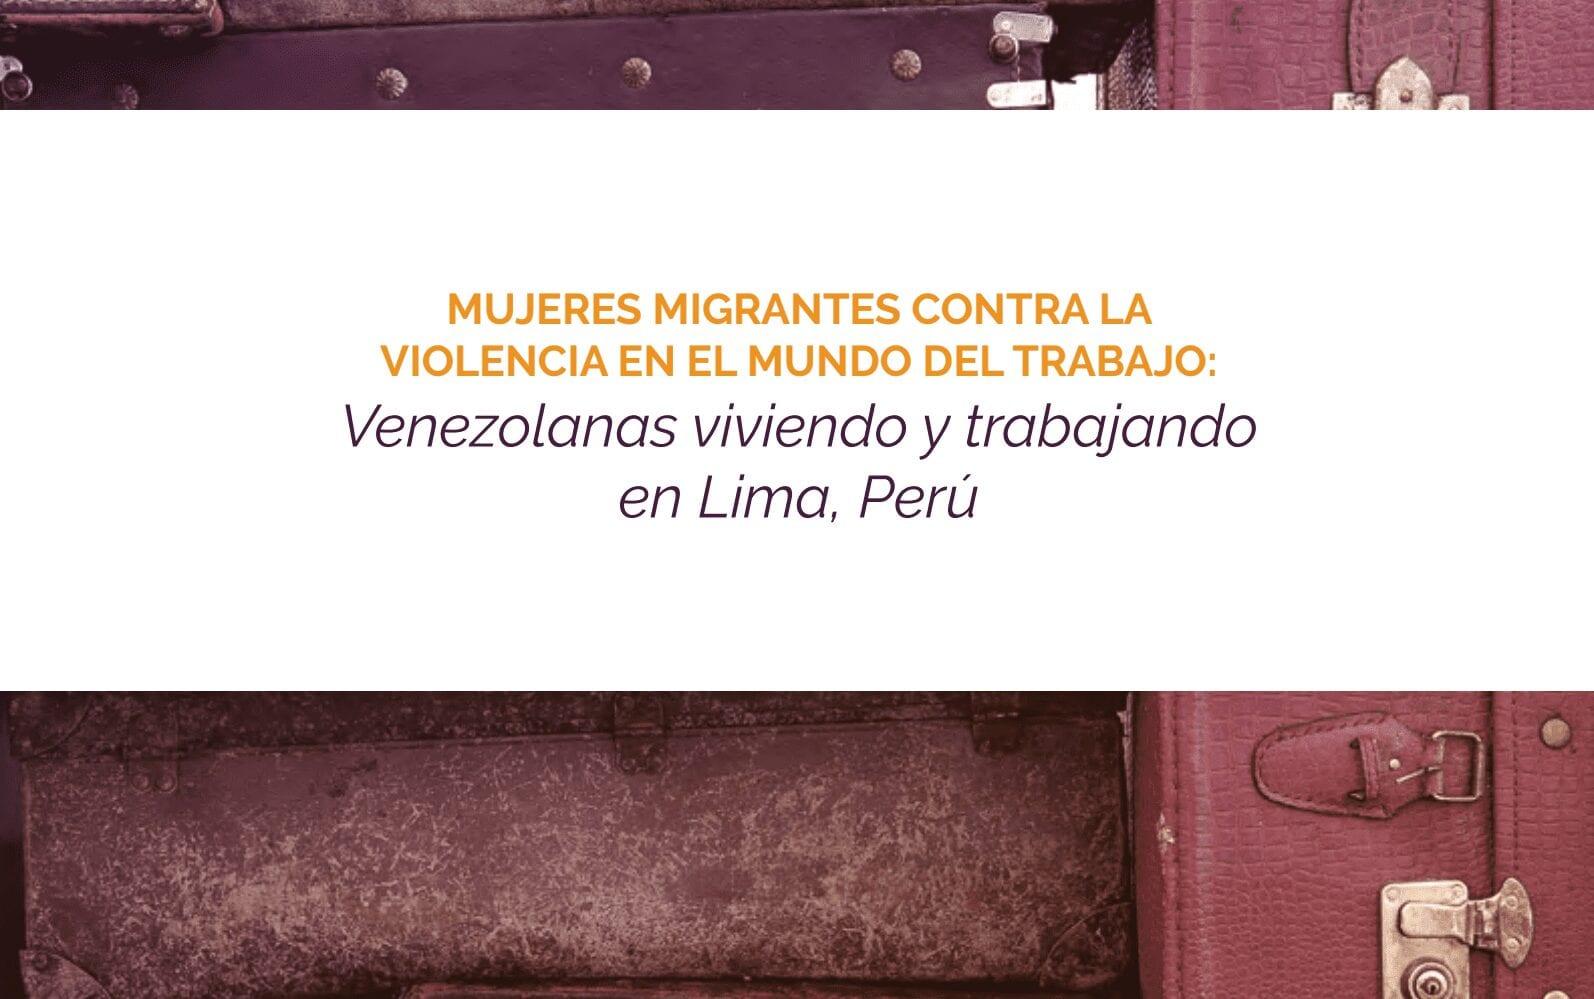 Mujeres migrantes venezolanas viviendo y trabajando en Lima, Perú